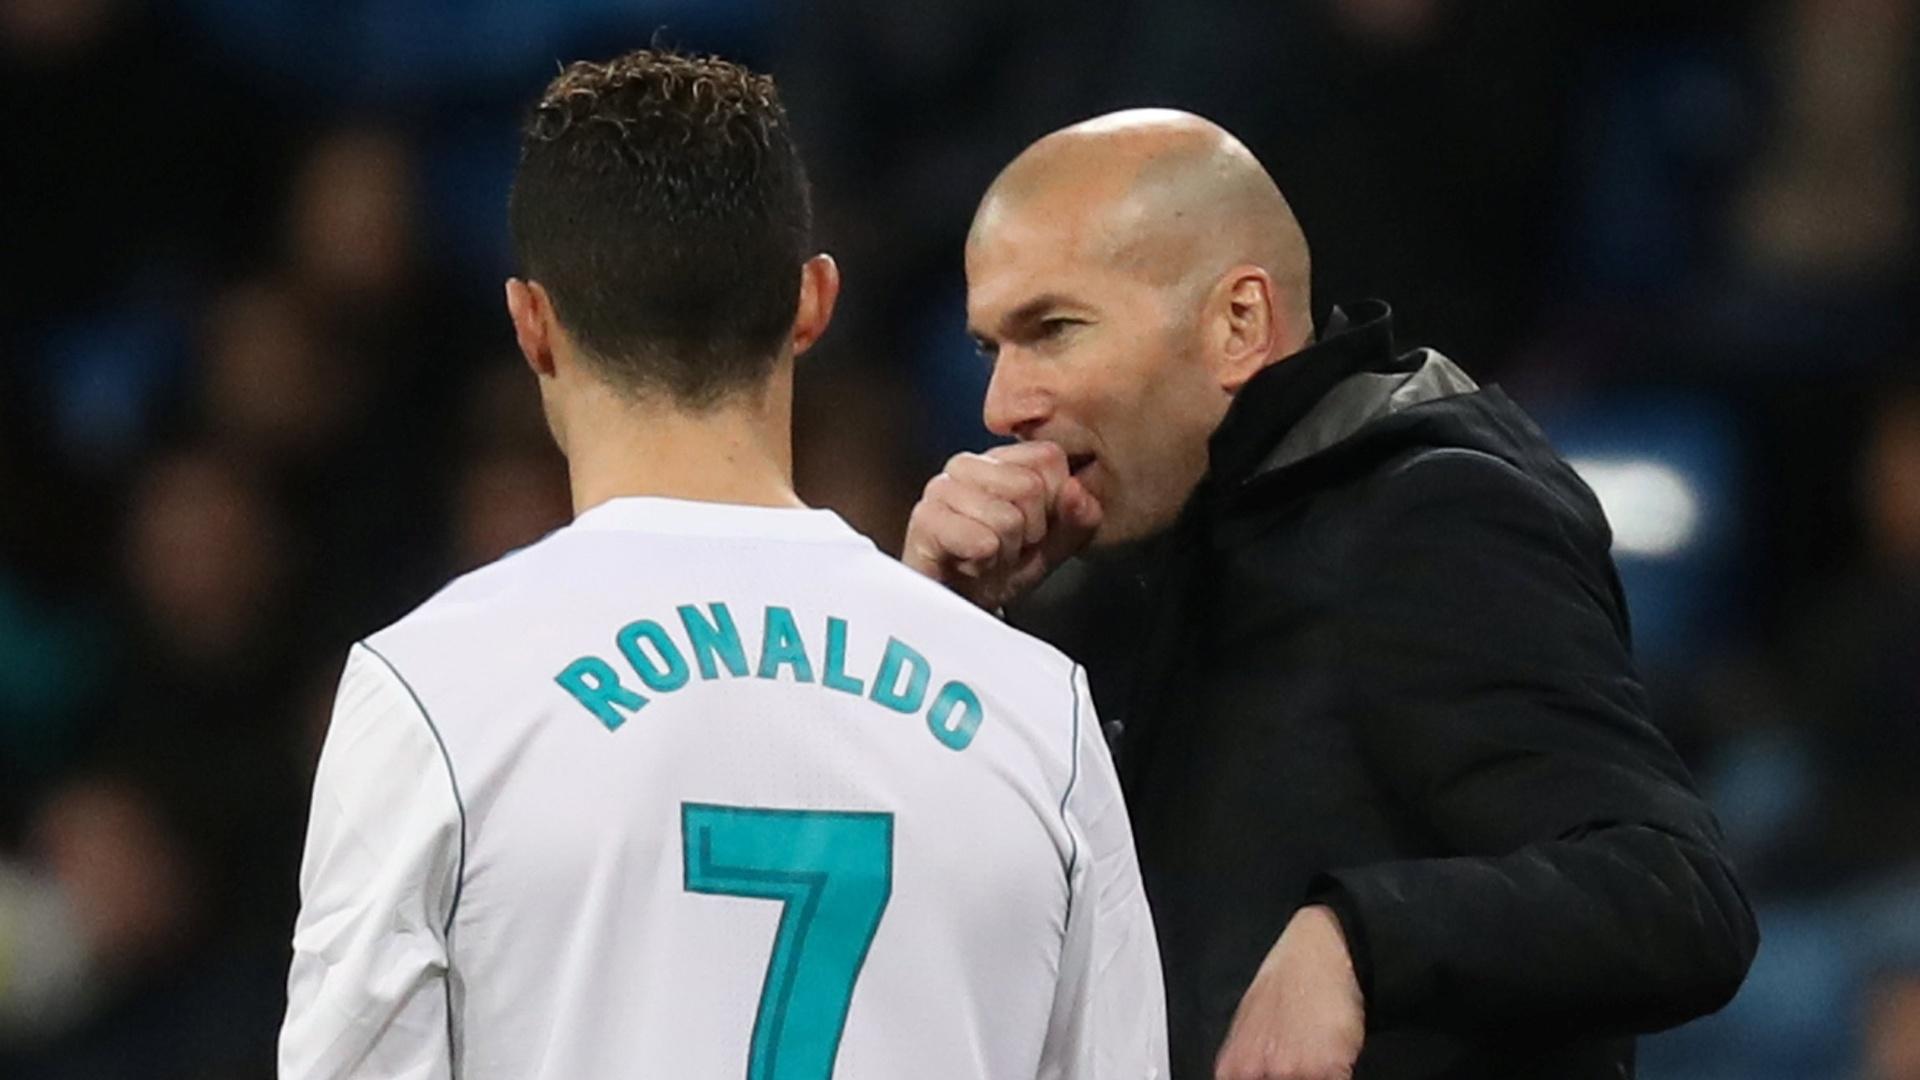 Zidane passa instruções para Cristiano Ronaldo na beira do campo